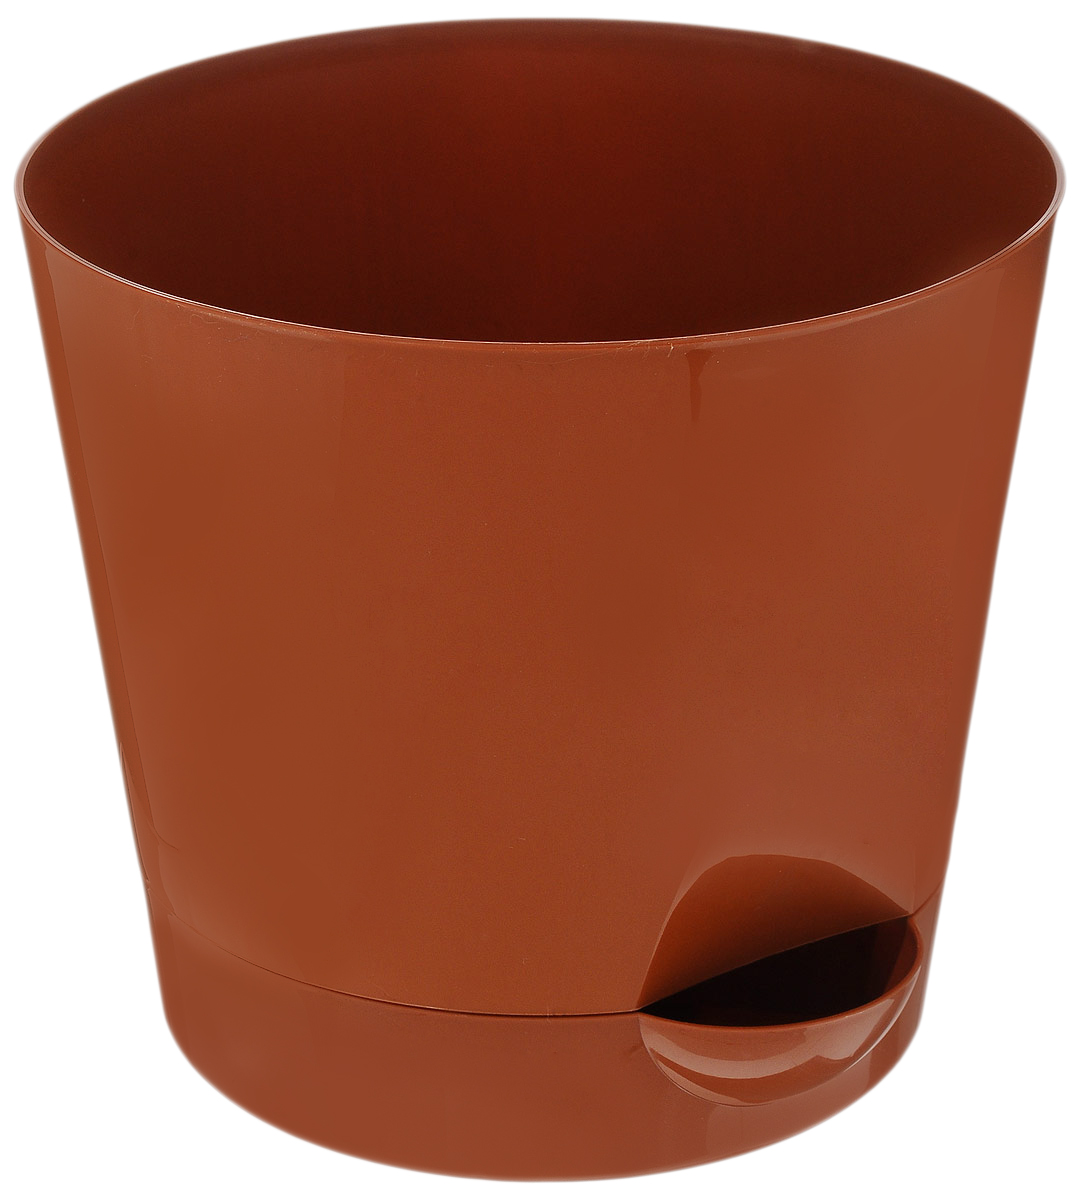 Кашпо Idea Ника, с прикорневым поливом, с поддоном, цвет: коричневый, 2,7 лМ 3073_коричневыйКашпо Idea Ника изготовлено из высококачественного полипропилена (пластика). В комплект входит поддон со специальной выемкой, благодаря которому имеется возможность прикорневого полива. Изделие подходит для выращивания растений и цветов в домашних условиях. Стильная яркая картинка сделает такое кашпо прекрасным дополнением интерьера. Объем горшка: 2,7 л. Диаметр горшка (по верхнему краю): 18 см. Высота горшка: 16,5 см. Диаметр подставки: 15 см.